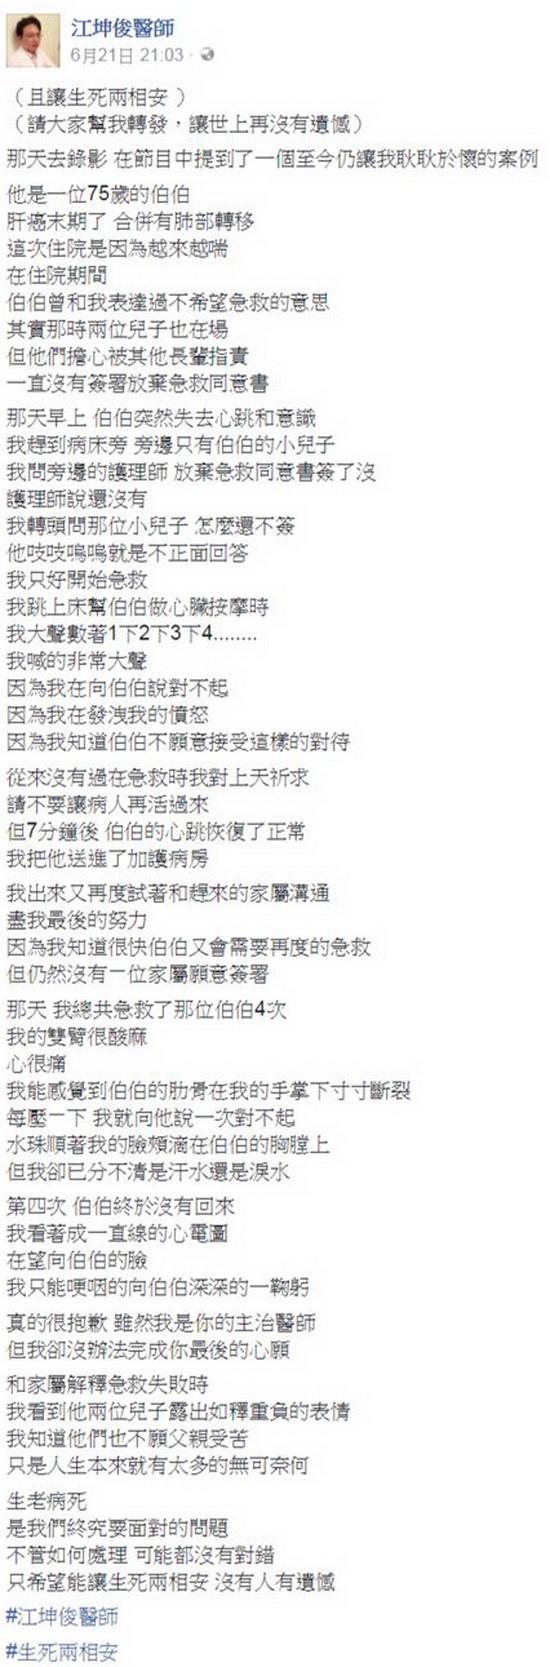 肋骨已壓斷…家屬不願放棄急救 醫愧疚「未能完成他遺願」-2017.06.23-2.jpg